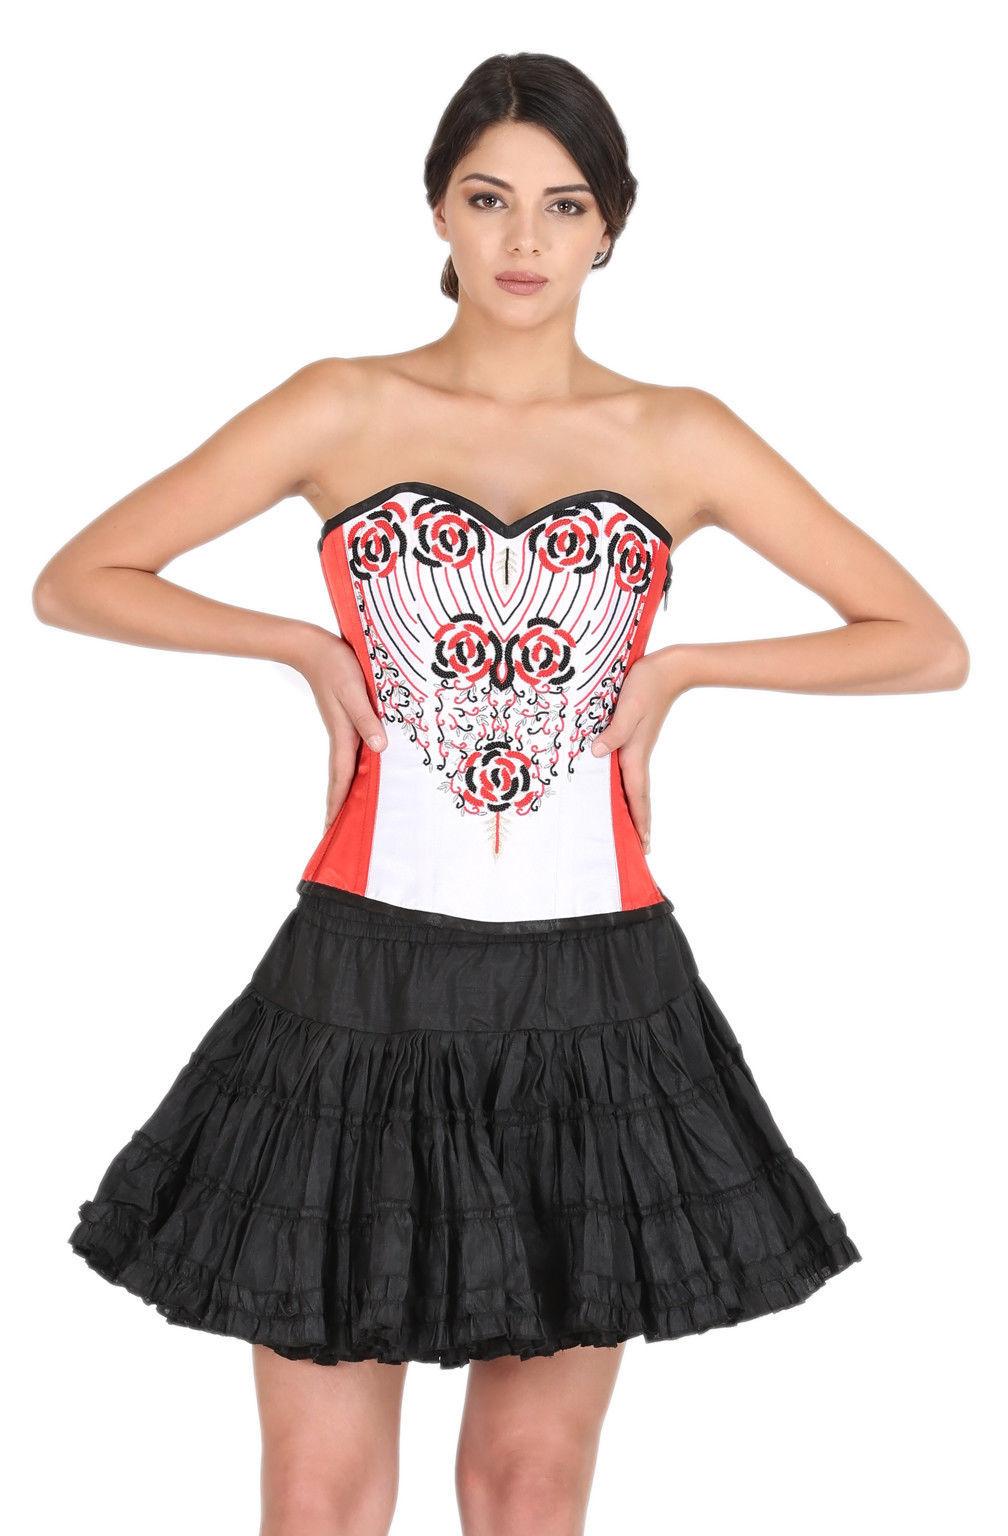 Red White Satin Handmade Sequins Goth Top Silk Tutu Skirt Overbust Corset Dress